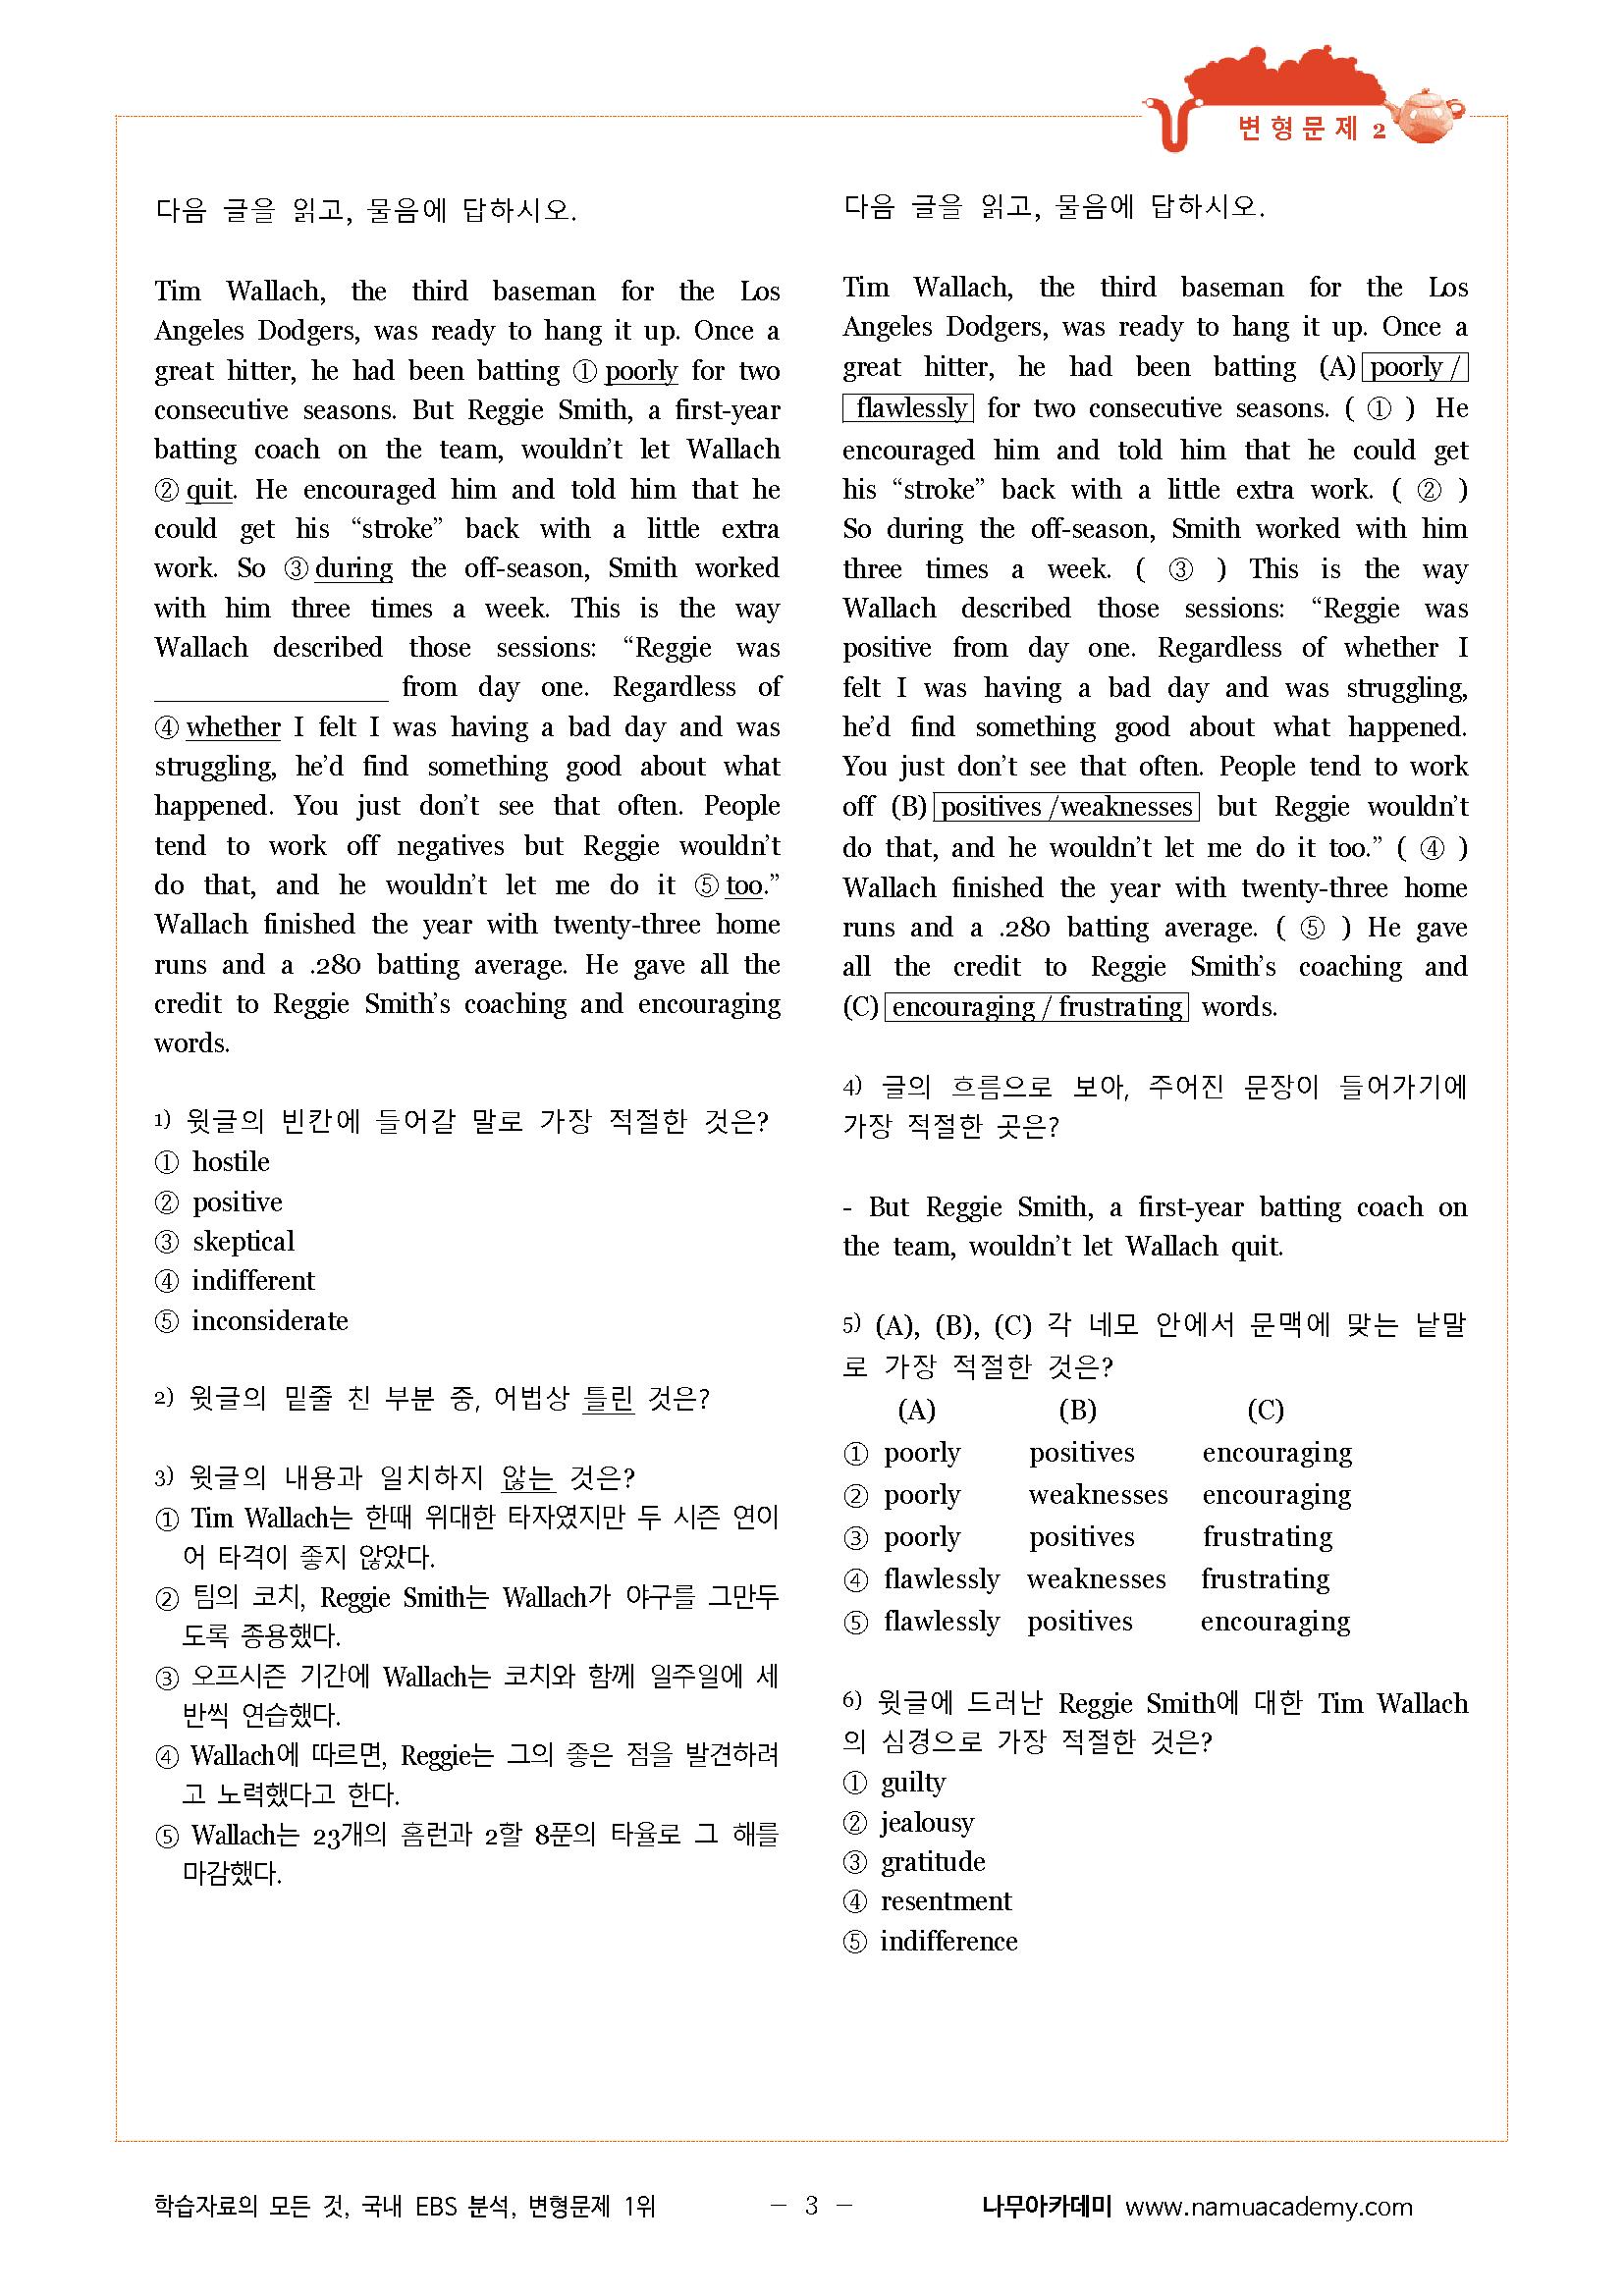 """2020 Ebs ̈˜ëŠ¥íŠ¹ê°• ̘ì–´ 10 11강 ̛Œí¬ë¶ ̋¤ì""""변형문제 ̘¤ë¥´ë¹"""""""